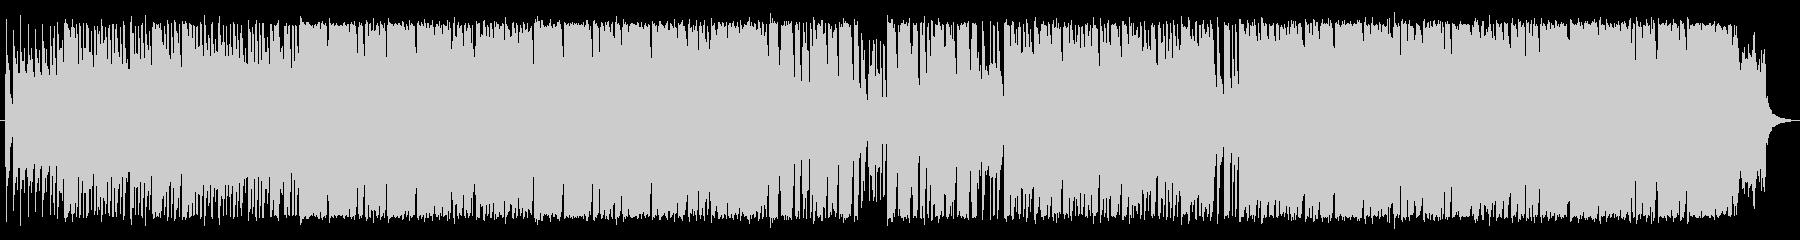 琴を使った和風ロックの未再生の波形